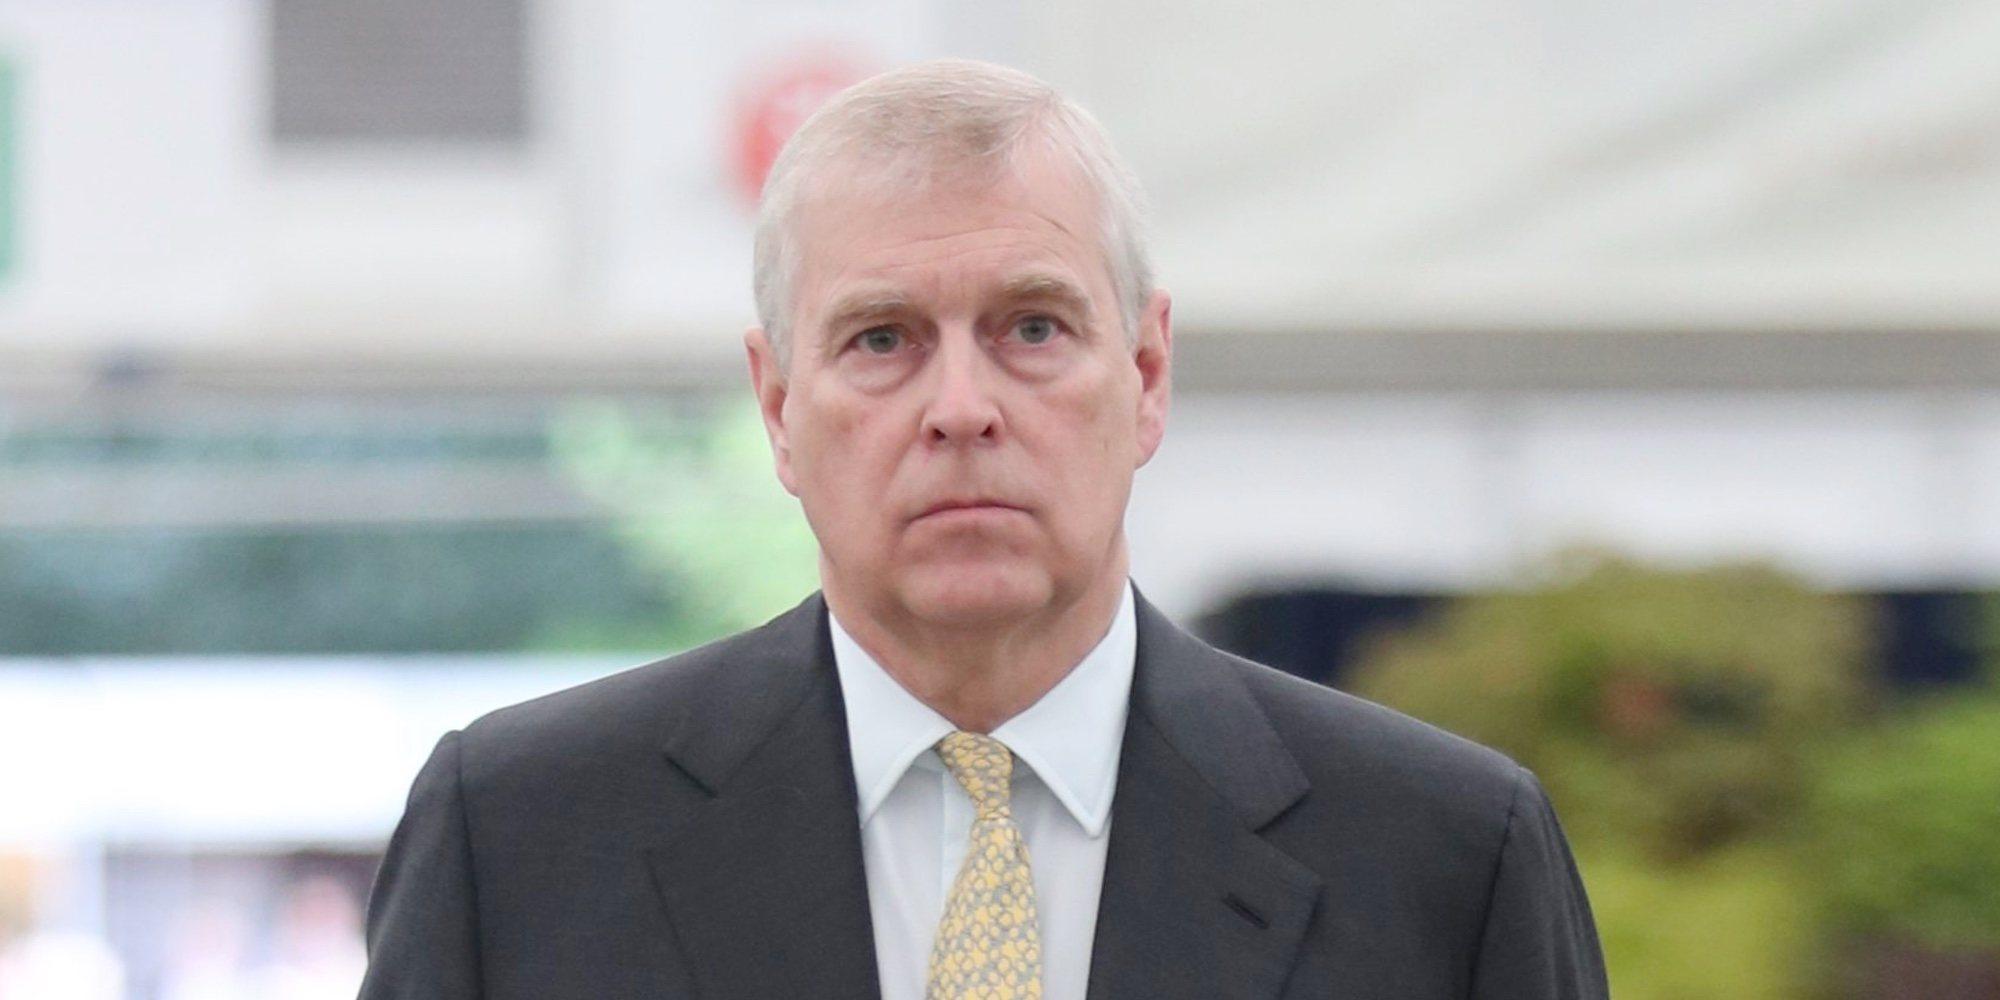 El Príncipe Andrés se retira de los actos oficiales por el escándalo Epstein